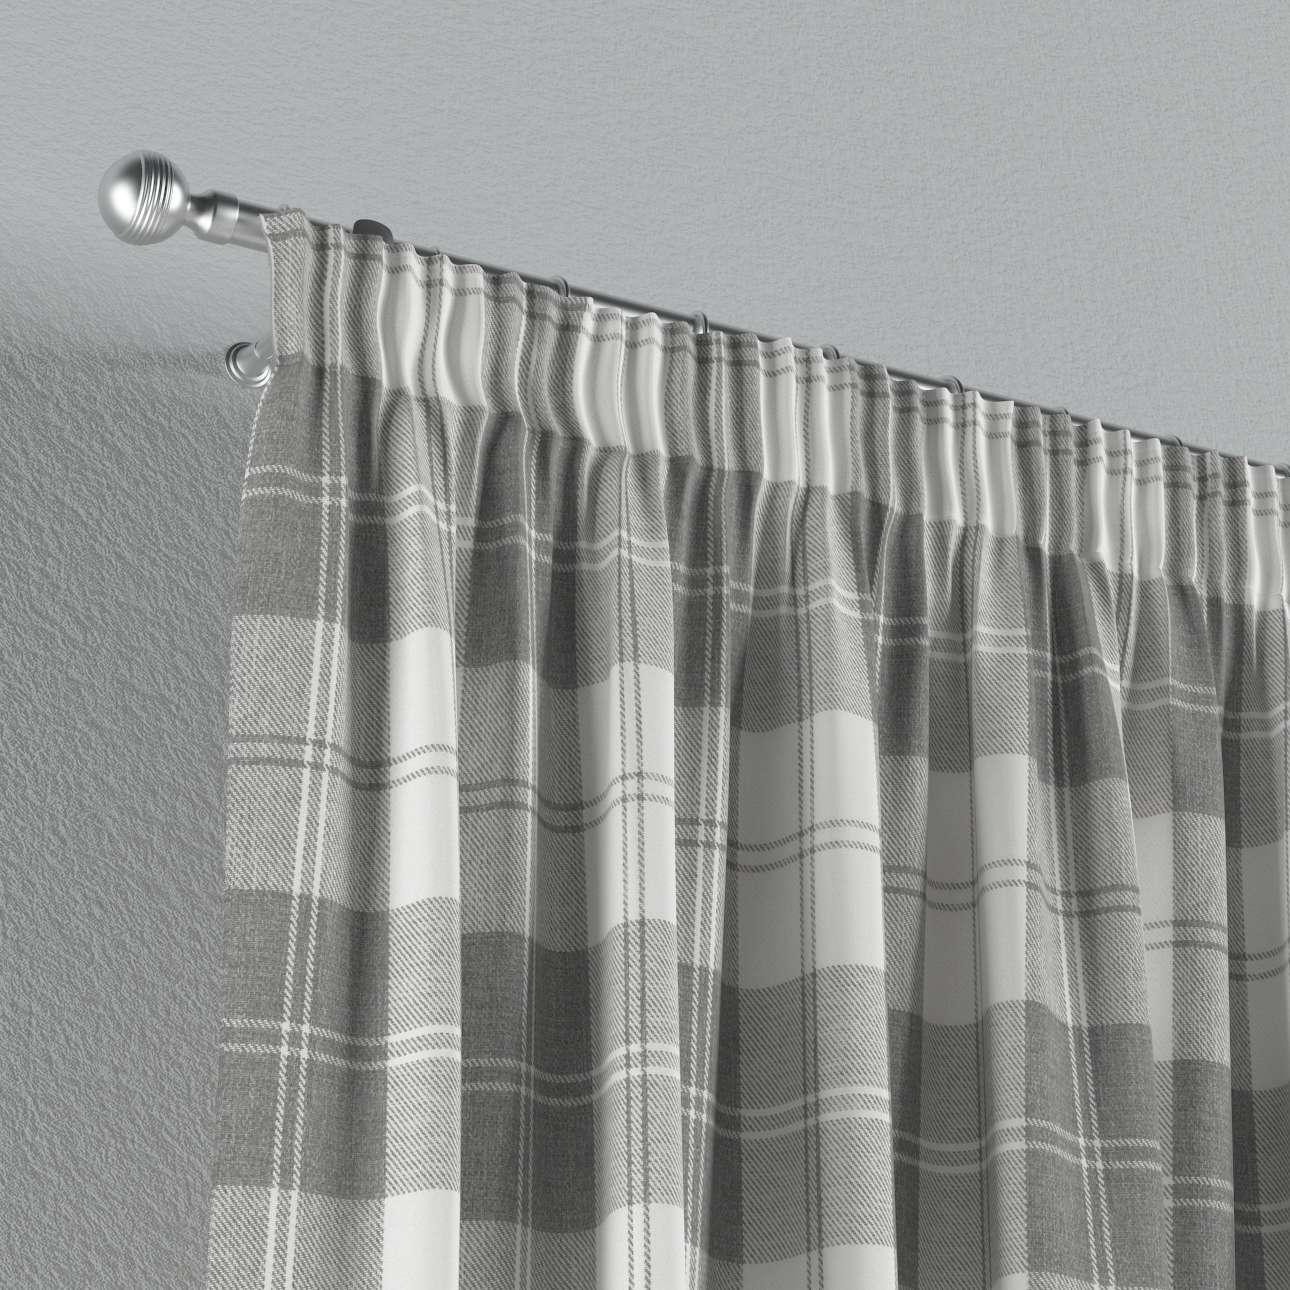 Vorhang mit Kräuselband 1 Stck. 130 x 260 cm von der Kollektion Edinburgh , Stoff: 115-79